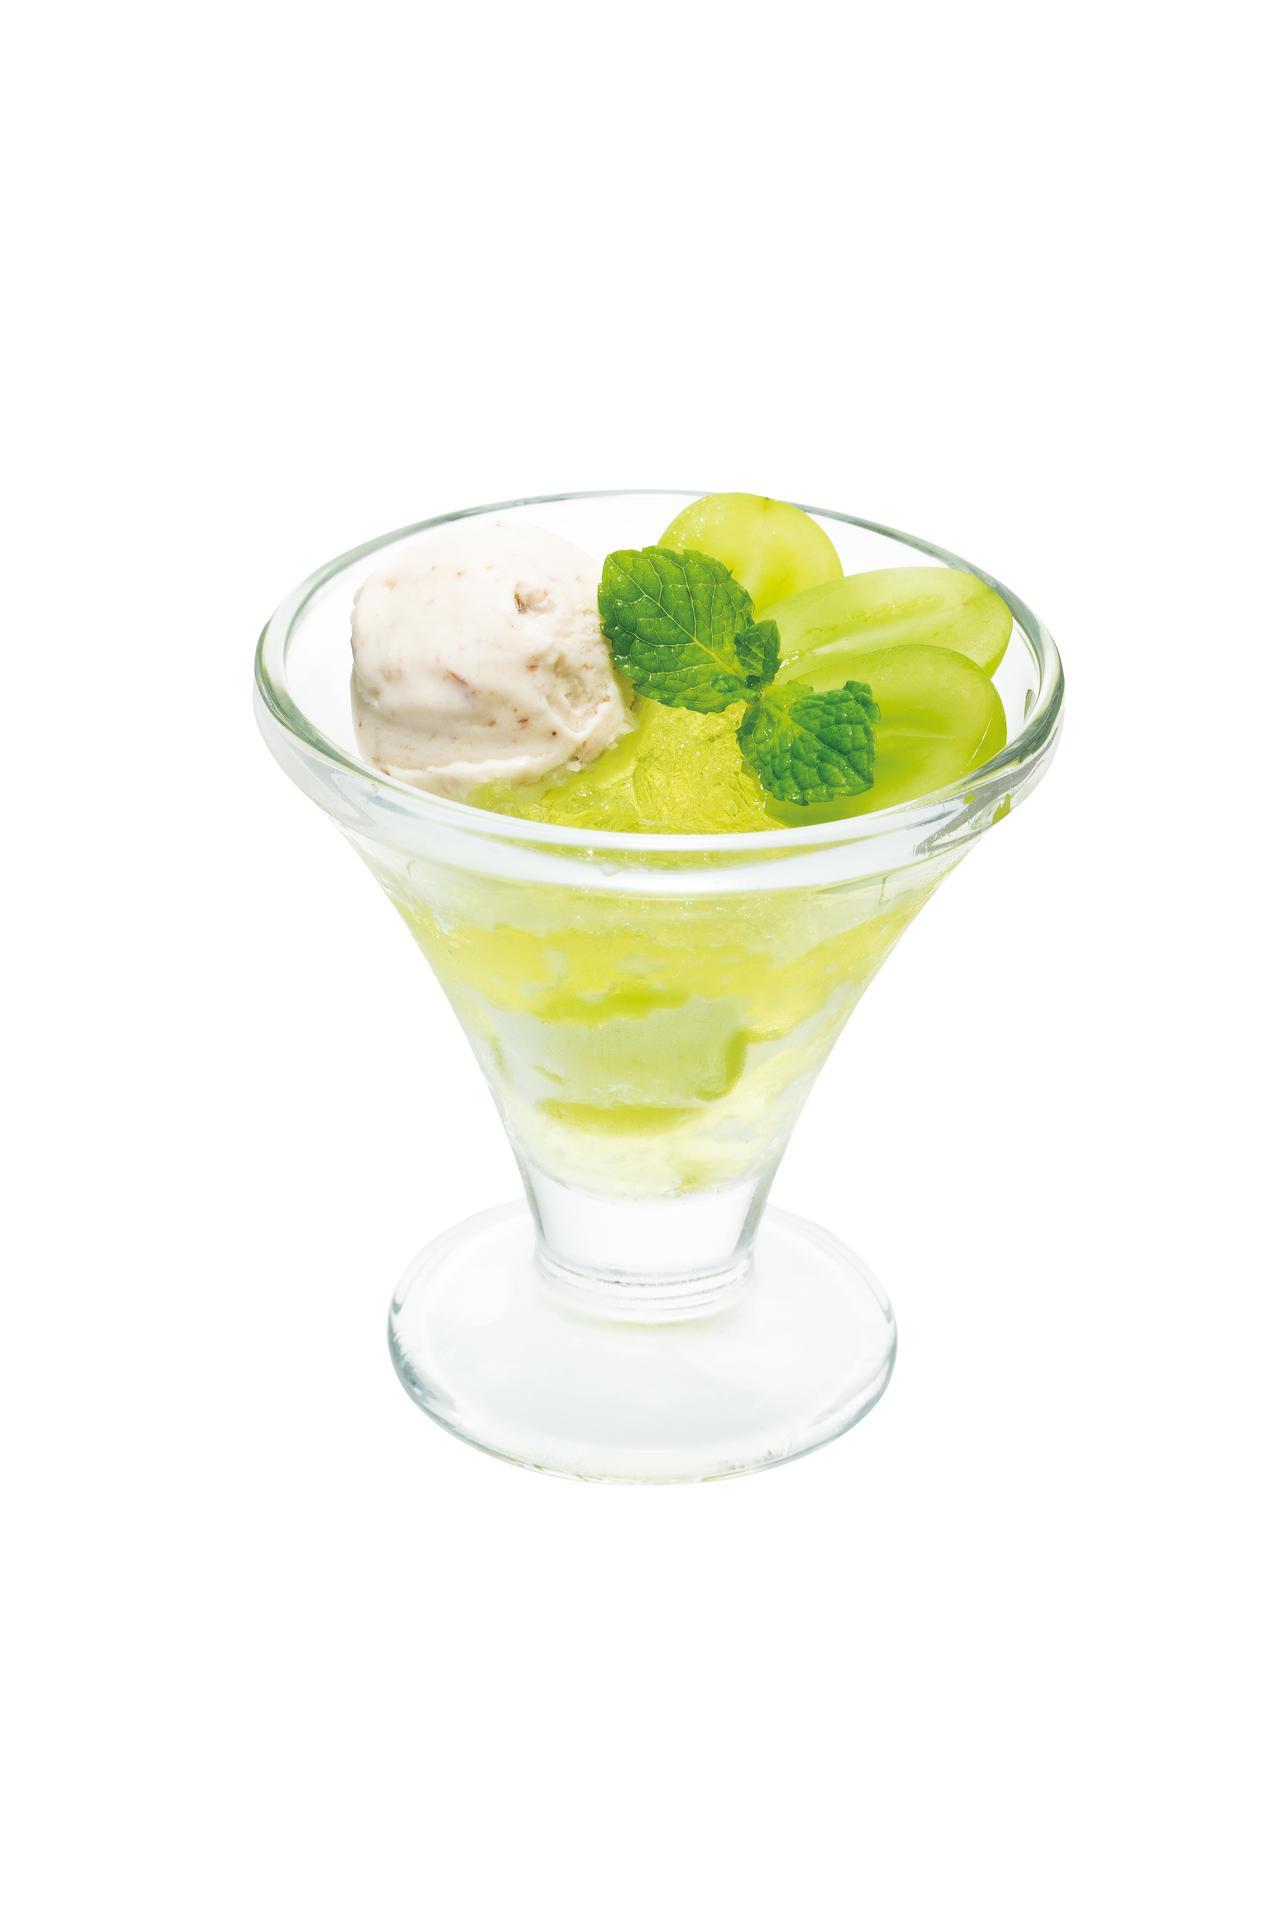 画像6: デニーズより2種の国産ぶどうを使用した季節デザートが新発売